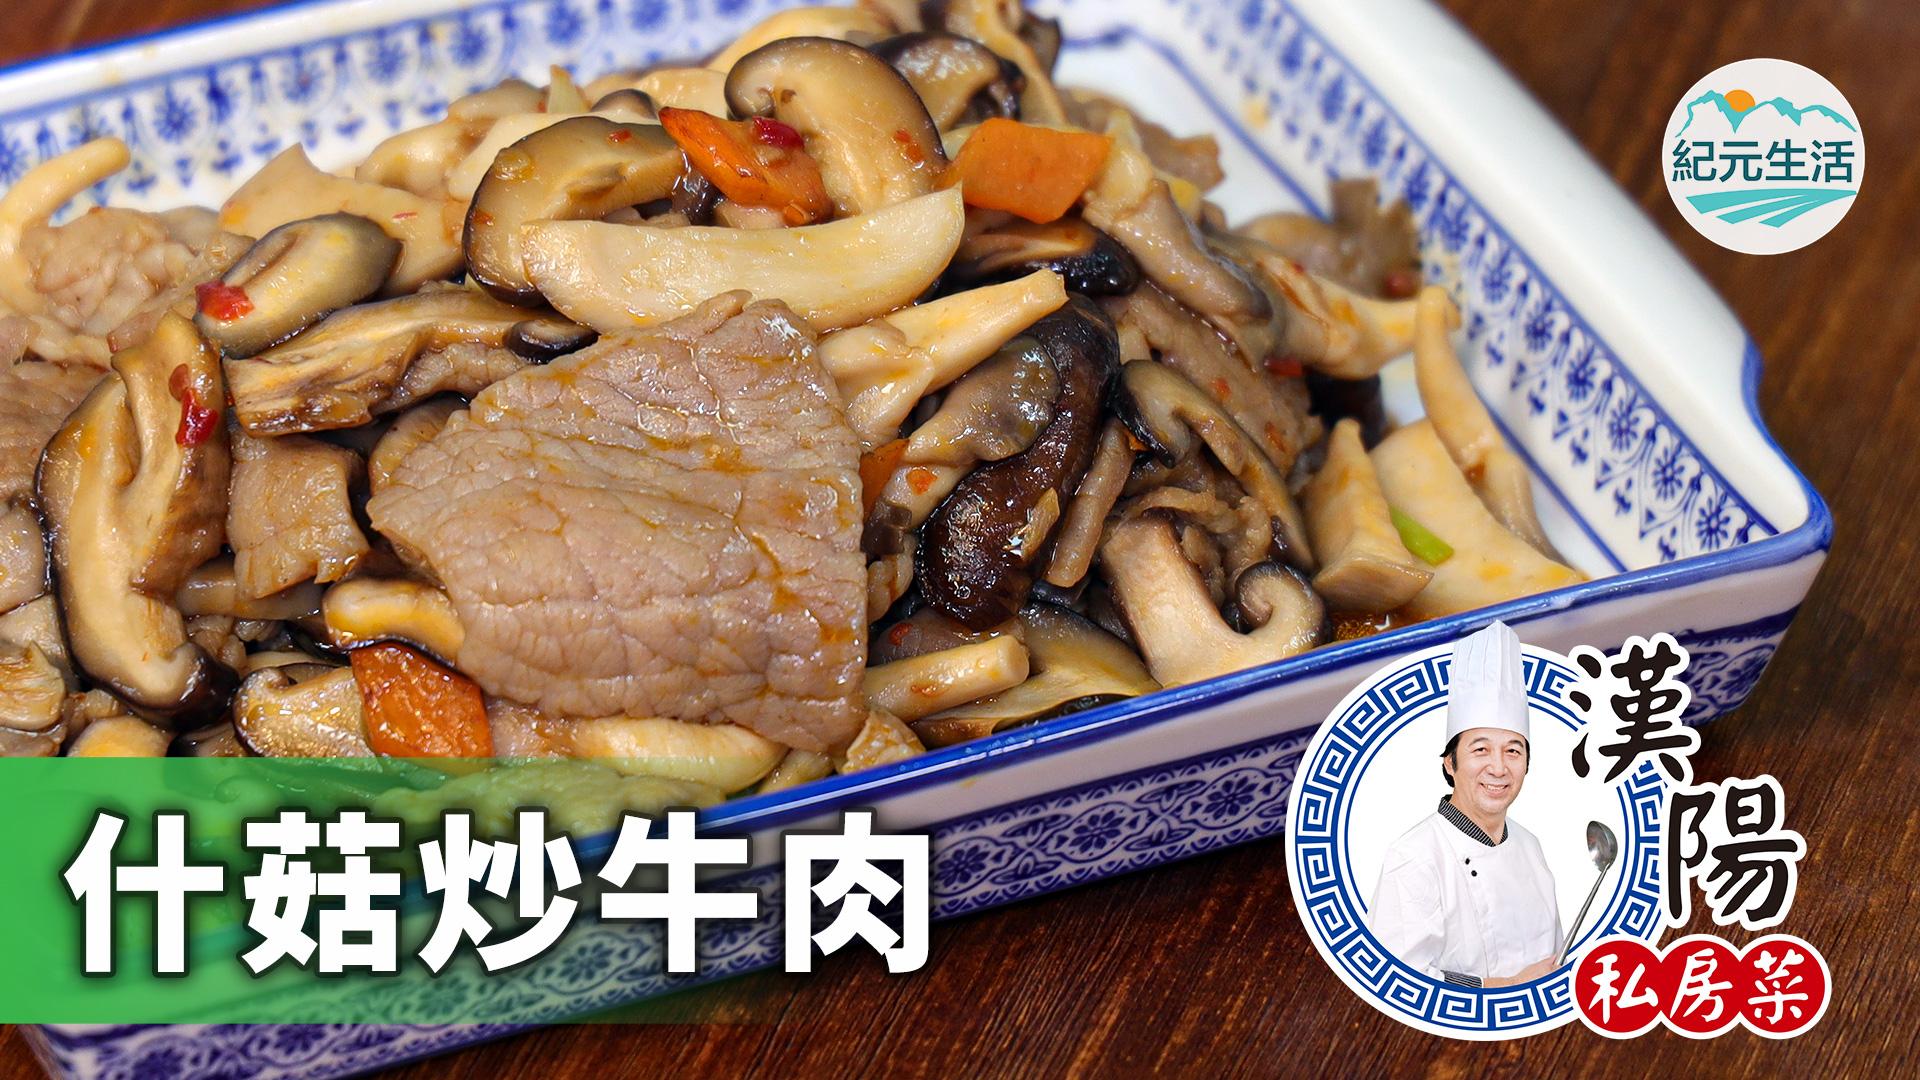 炒牛肉要做得嫩滑有秘訣!漢陽大廚分享雜菇炒牛肉嫩口秘方。(設計圖片)